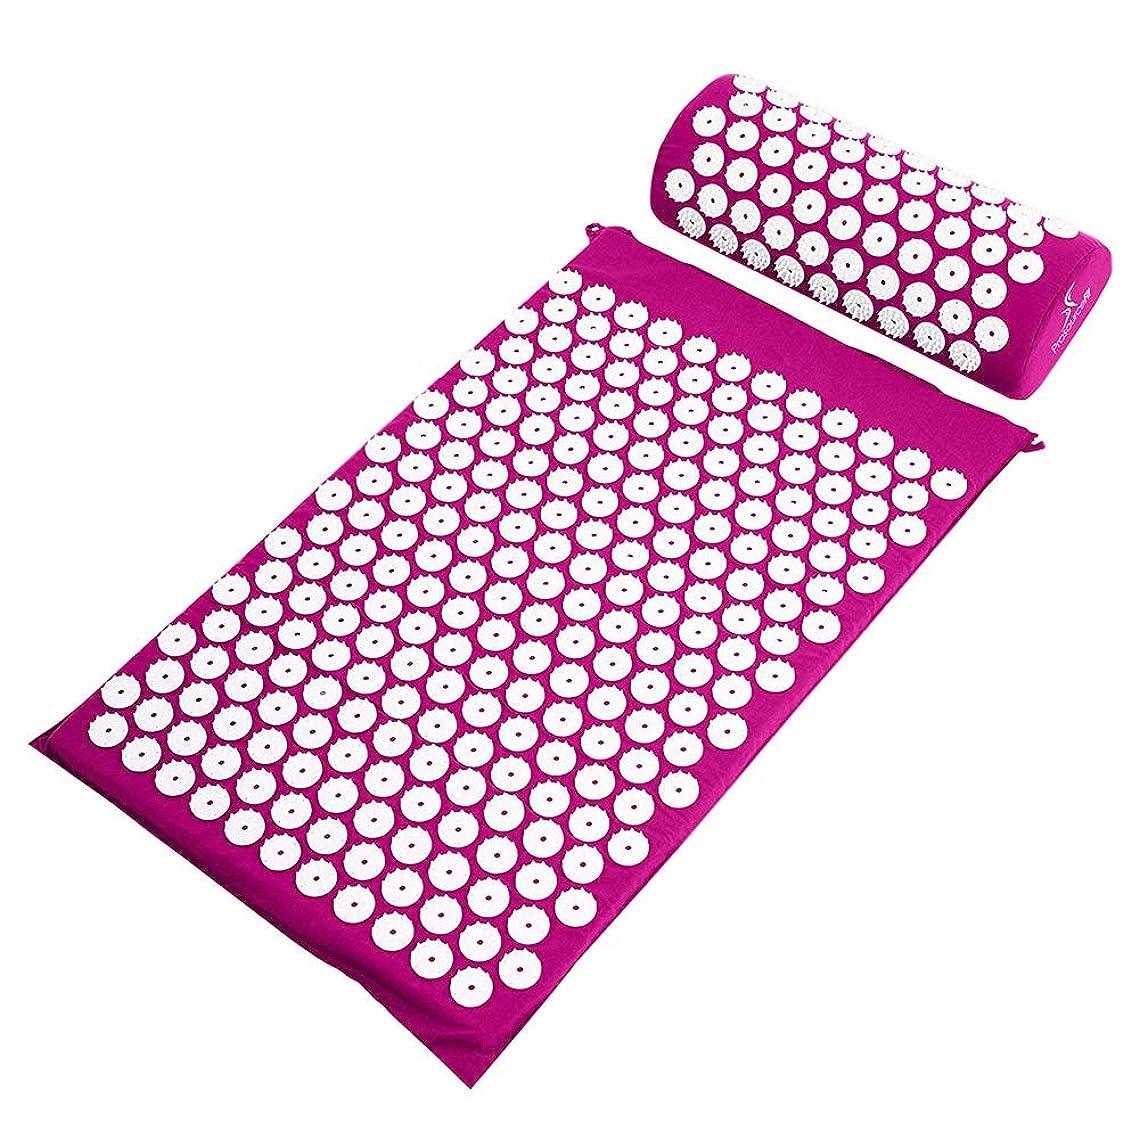 立ち向かう眠りファイアル鍼マッサージパッド+マッサージ枕 - 背中/首の痛みの軽減と筋肉の弛緩のための指のパッドと枕カバーに適しています,Purple